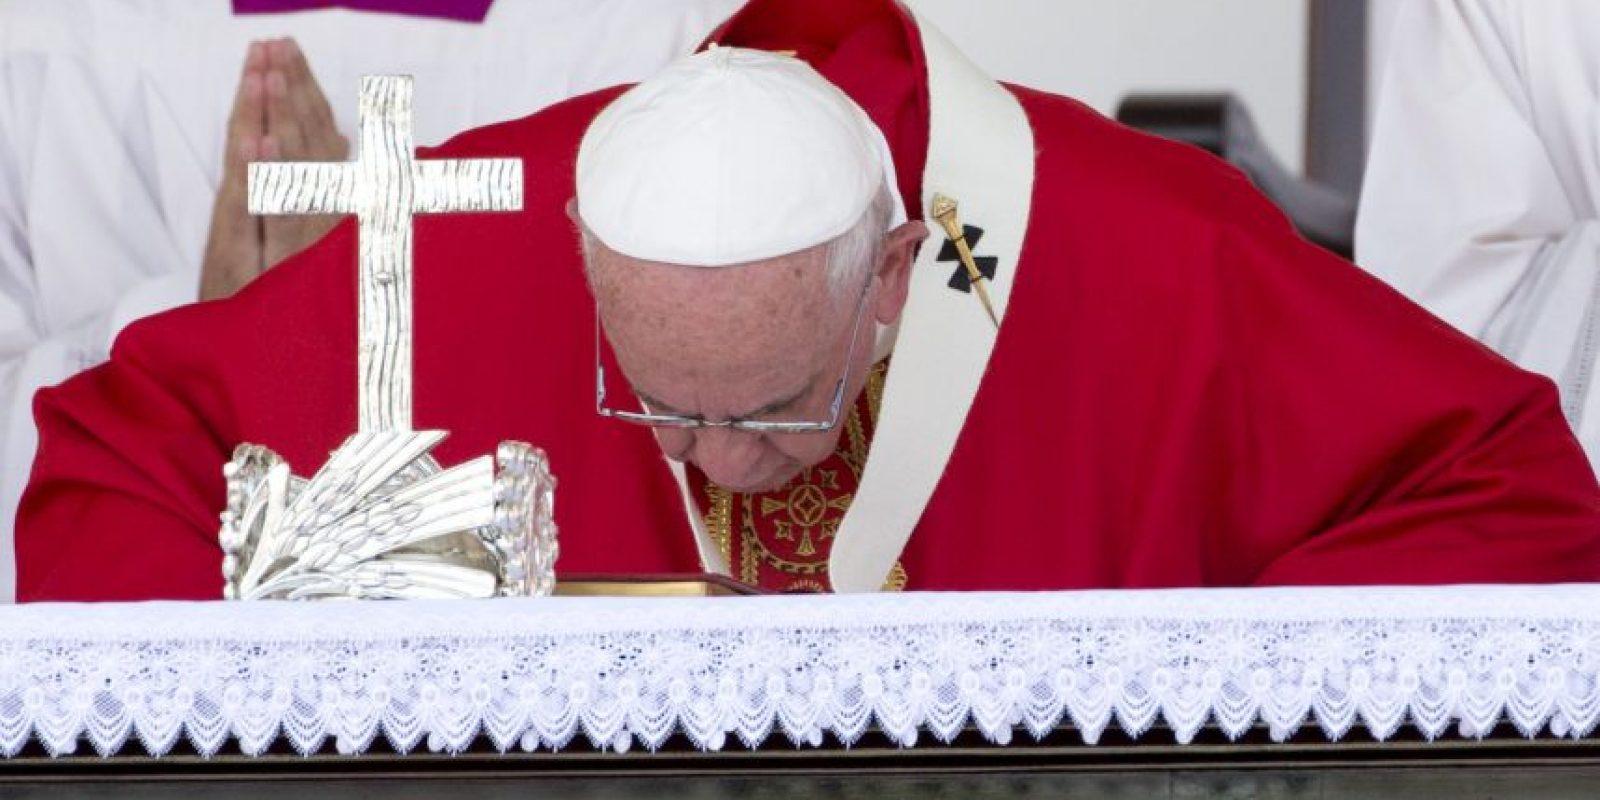 """3. """"Servir significa, en gran parte, cuidar la fragilidad. Cuidar a los frágiles de nuestras familias, de nuestra sociedad, de nuestro pueblo"""", sostuvo el papa. Foto:AP"""